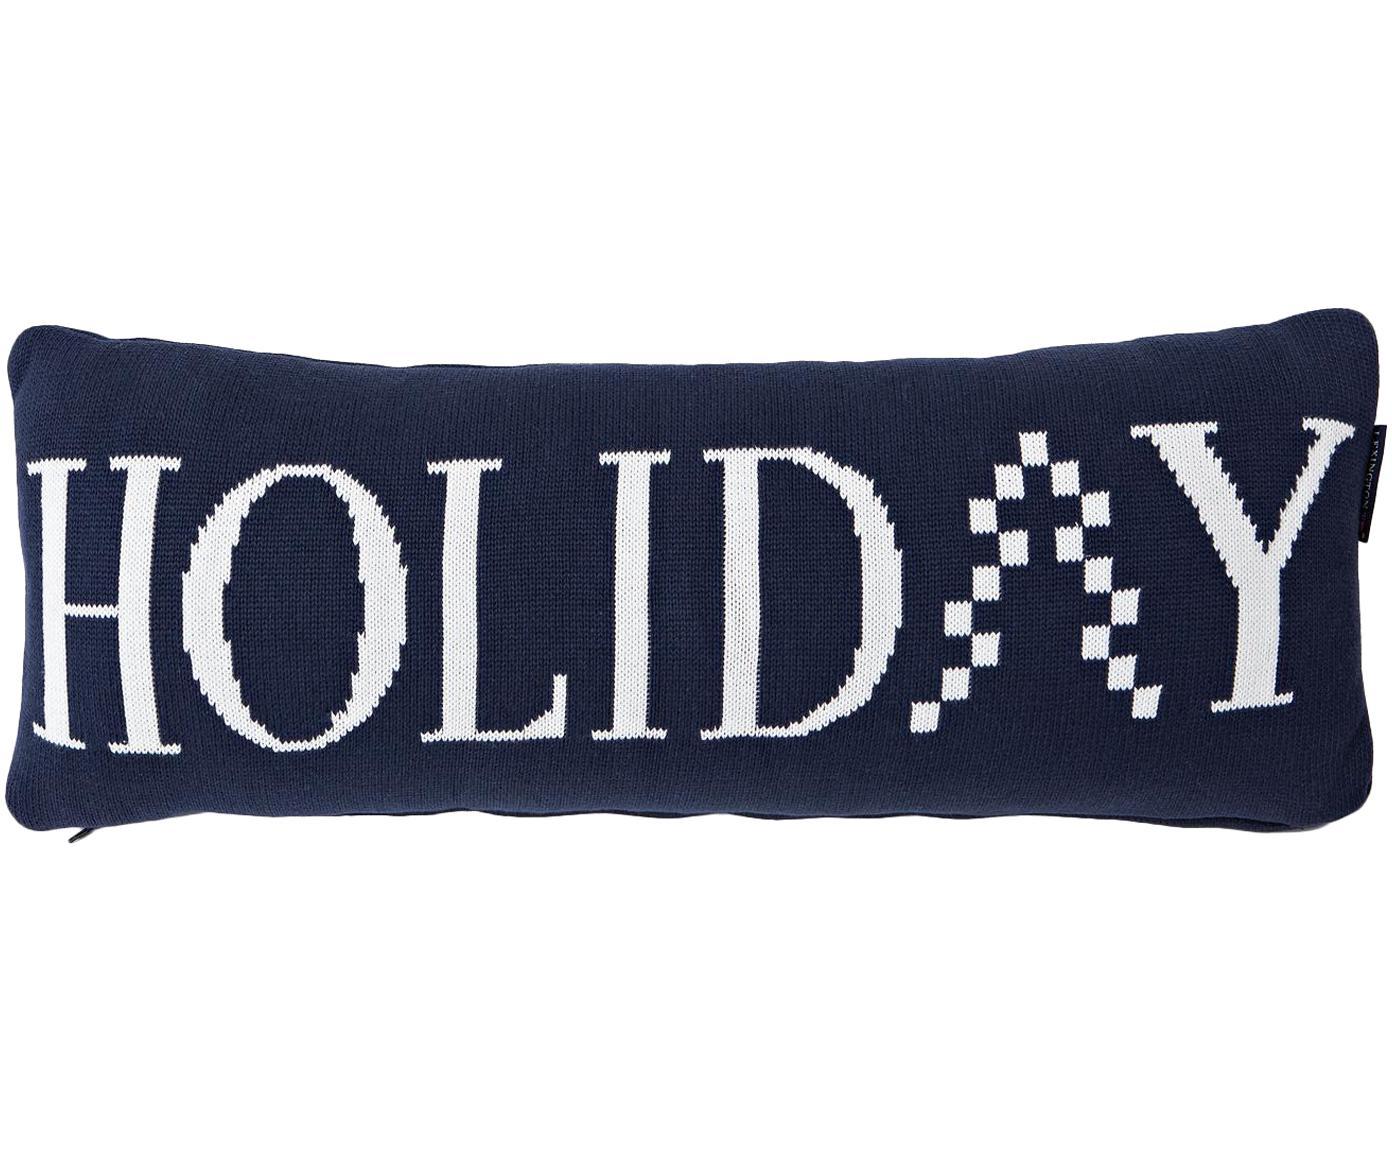 Langes Strick-Kissen Knitted Holiday mit Schriftzug, mit Inlett, Hülle: Baumwolle, Dunkelblau, Weiß, 25 x 70 cm